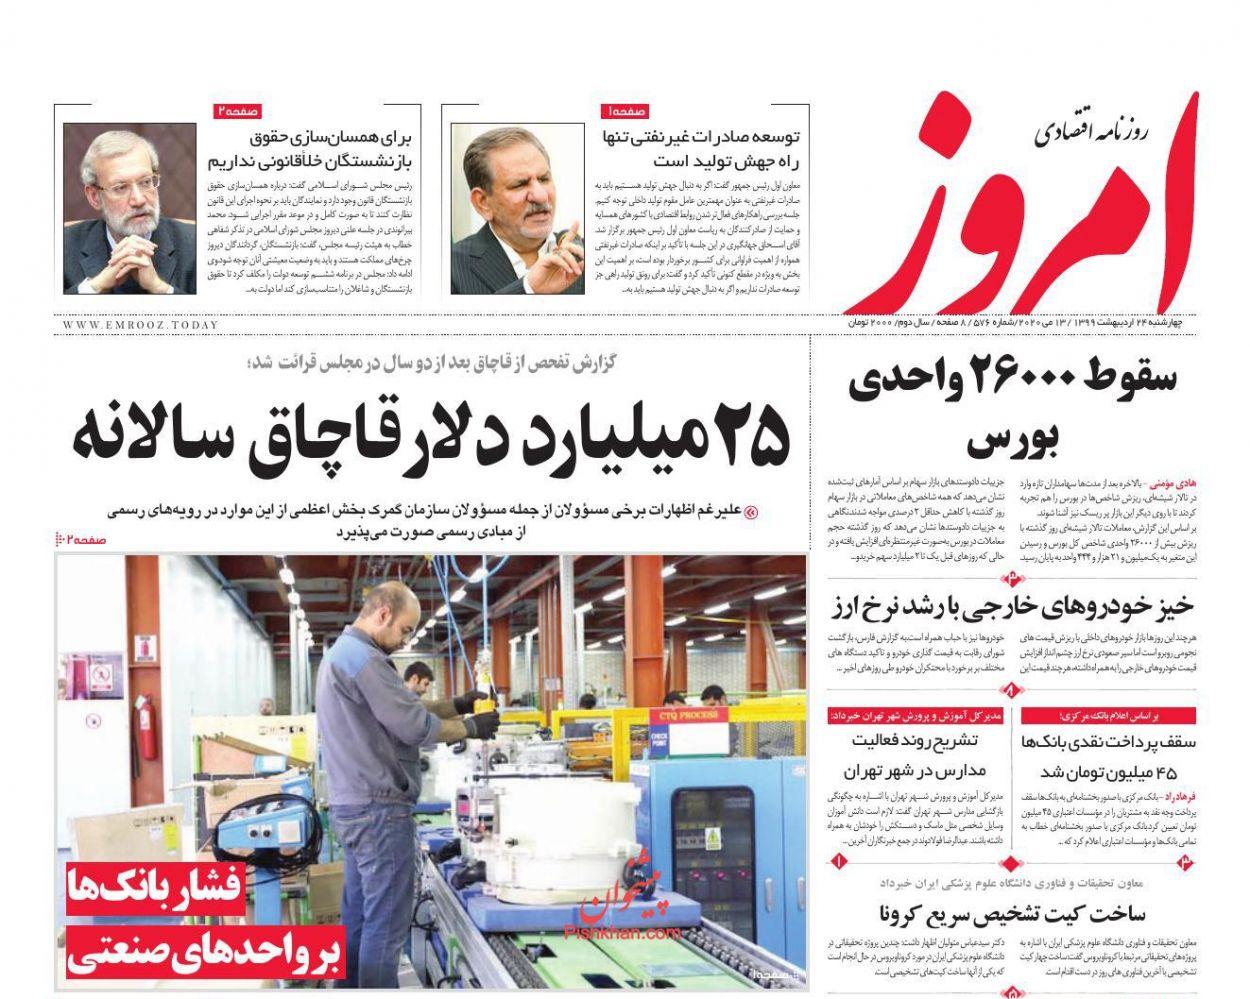 عناوین اخبار روزنامه امروز در روز چهارشنبه ۲۴ اردیبهشت :